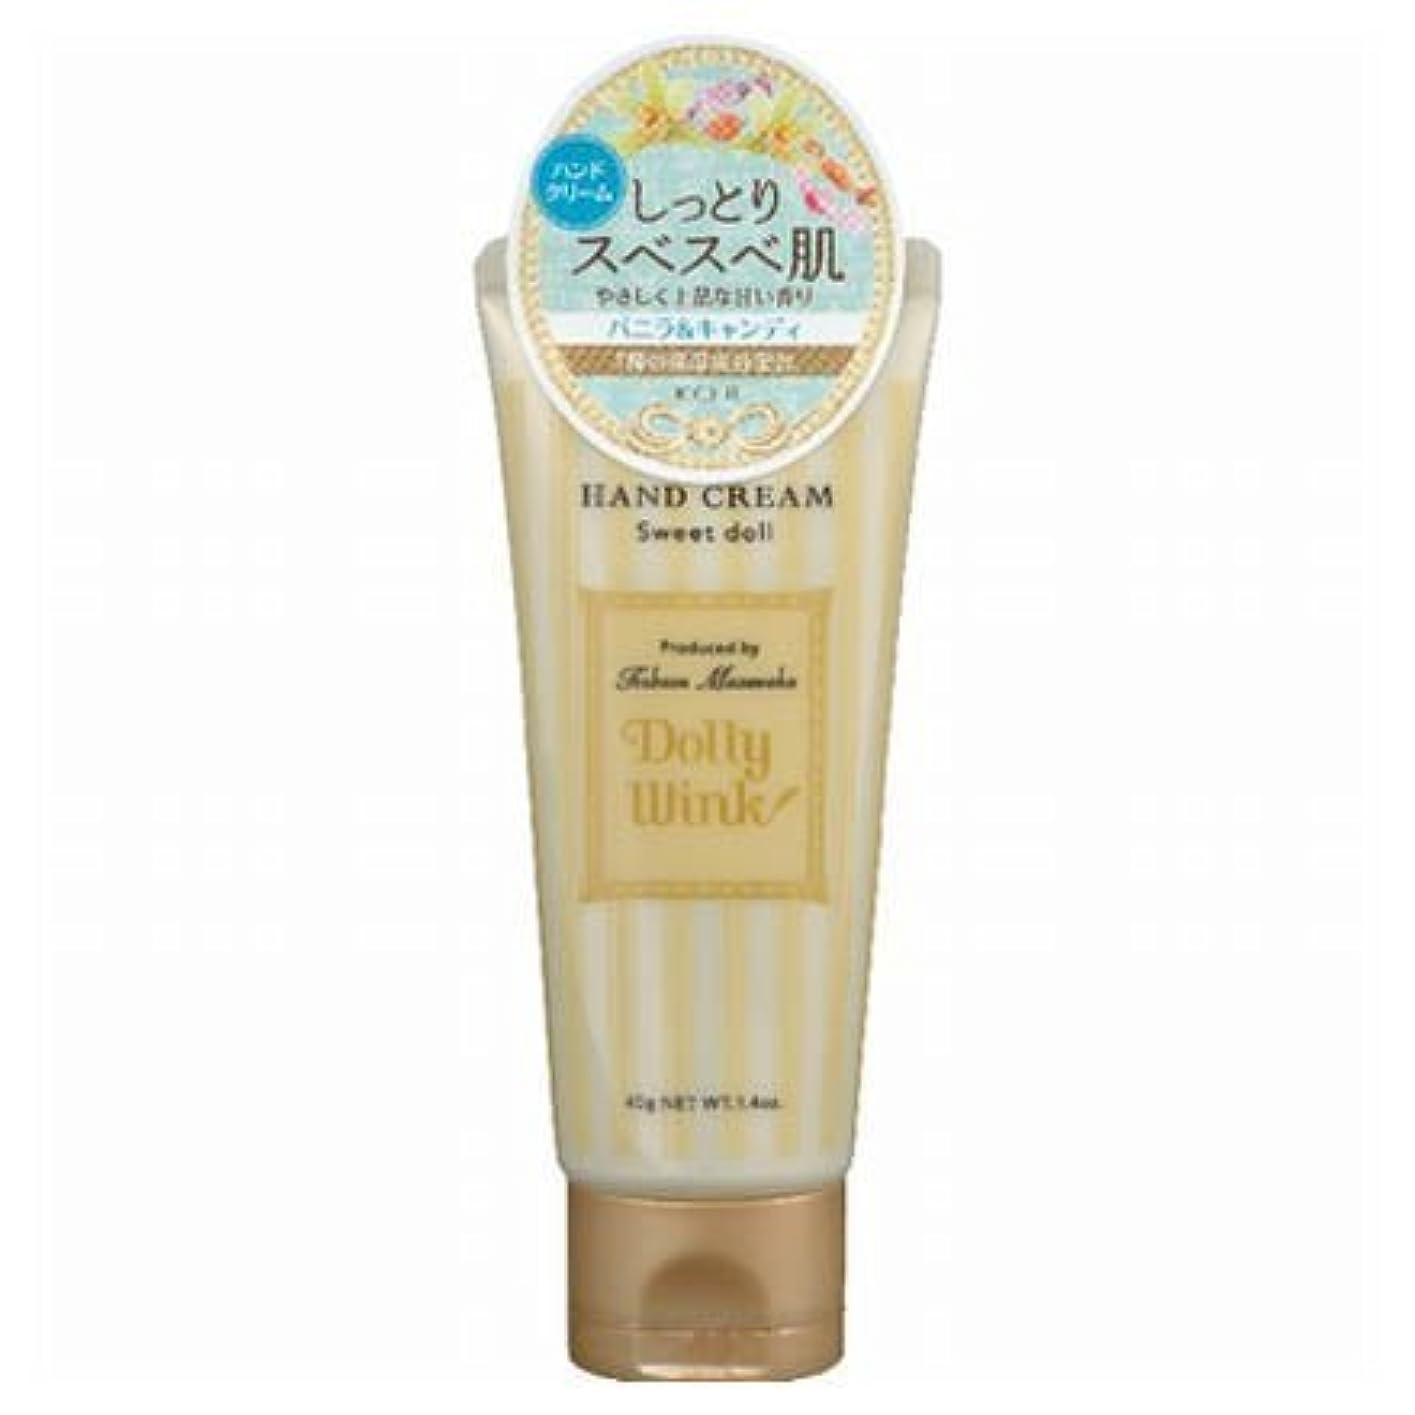 伝導中世の増幅ドーリーウインク ハンドクリーム スイートドール バニラ&キャンディの香り 40g